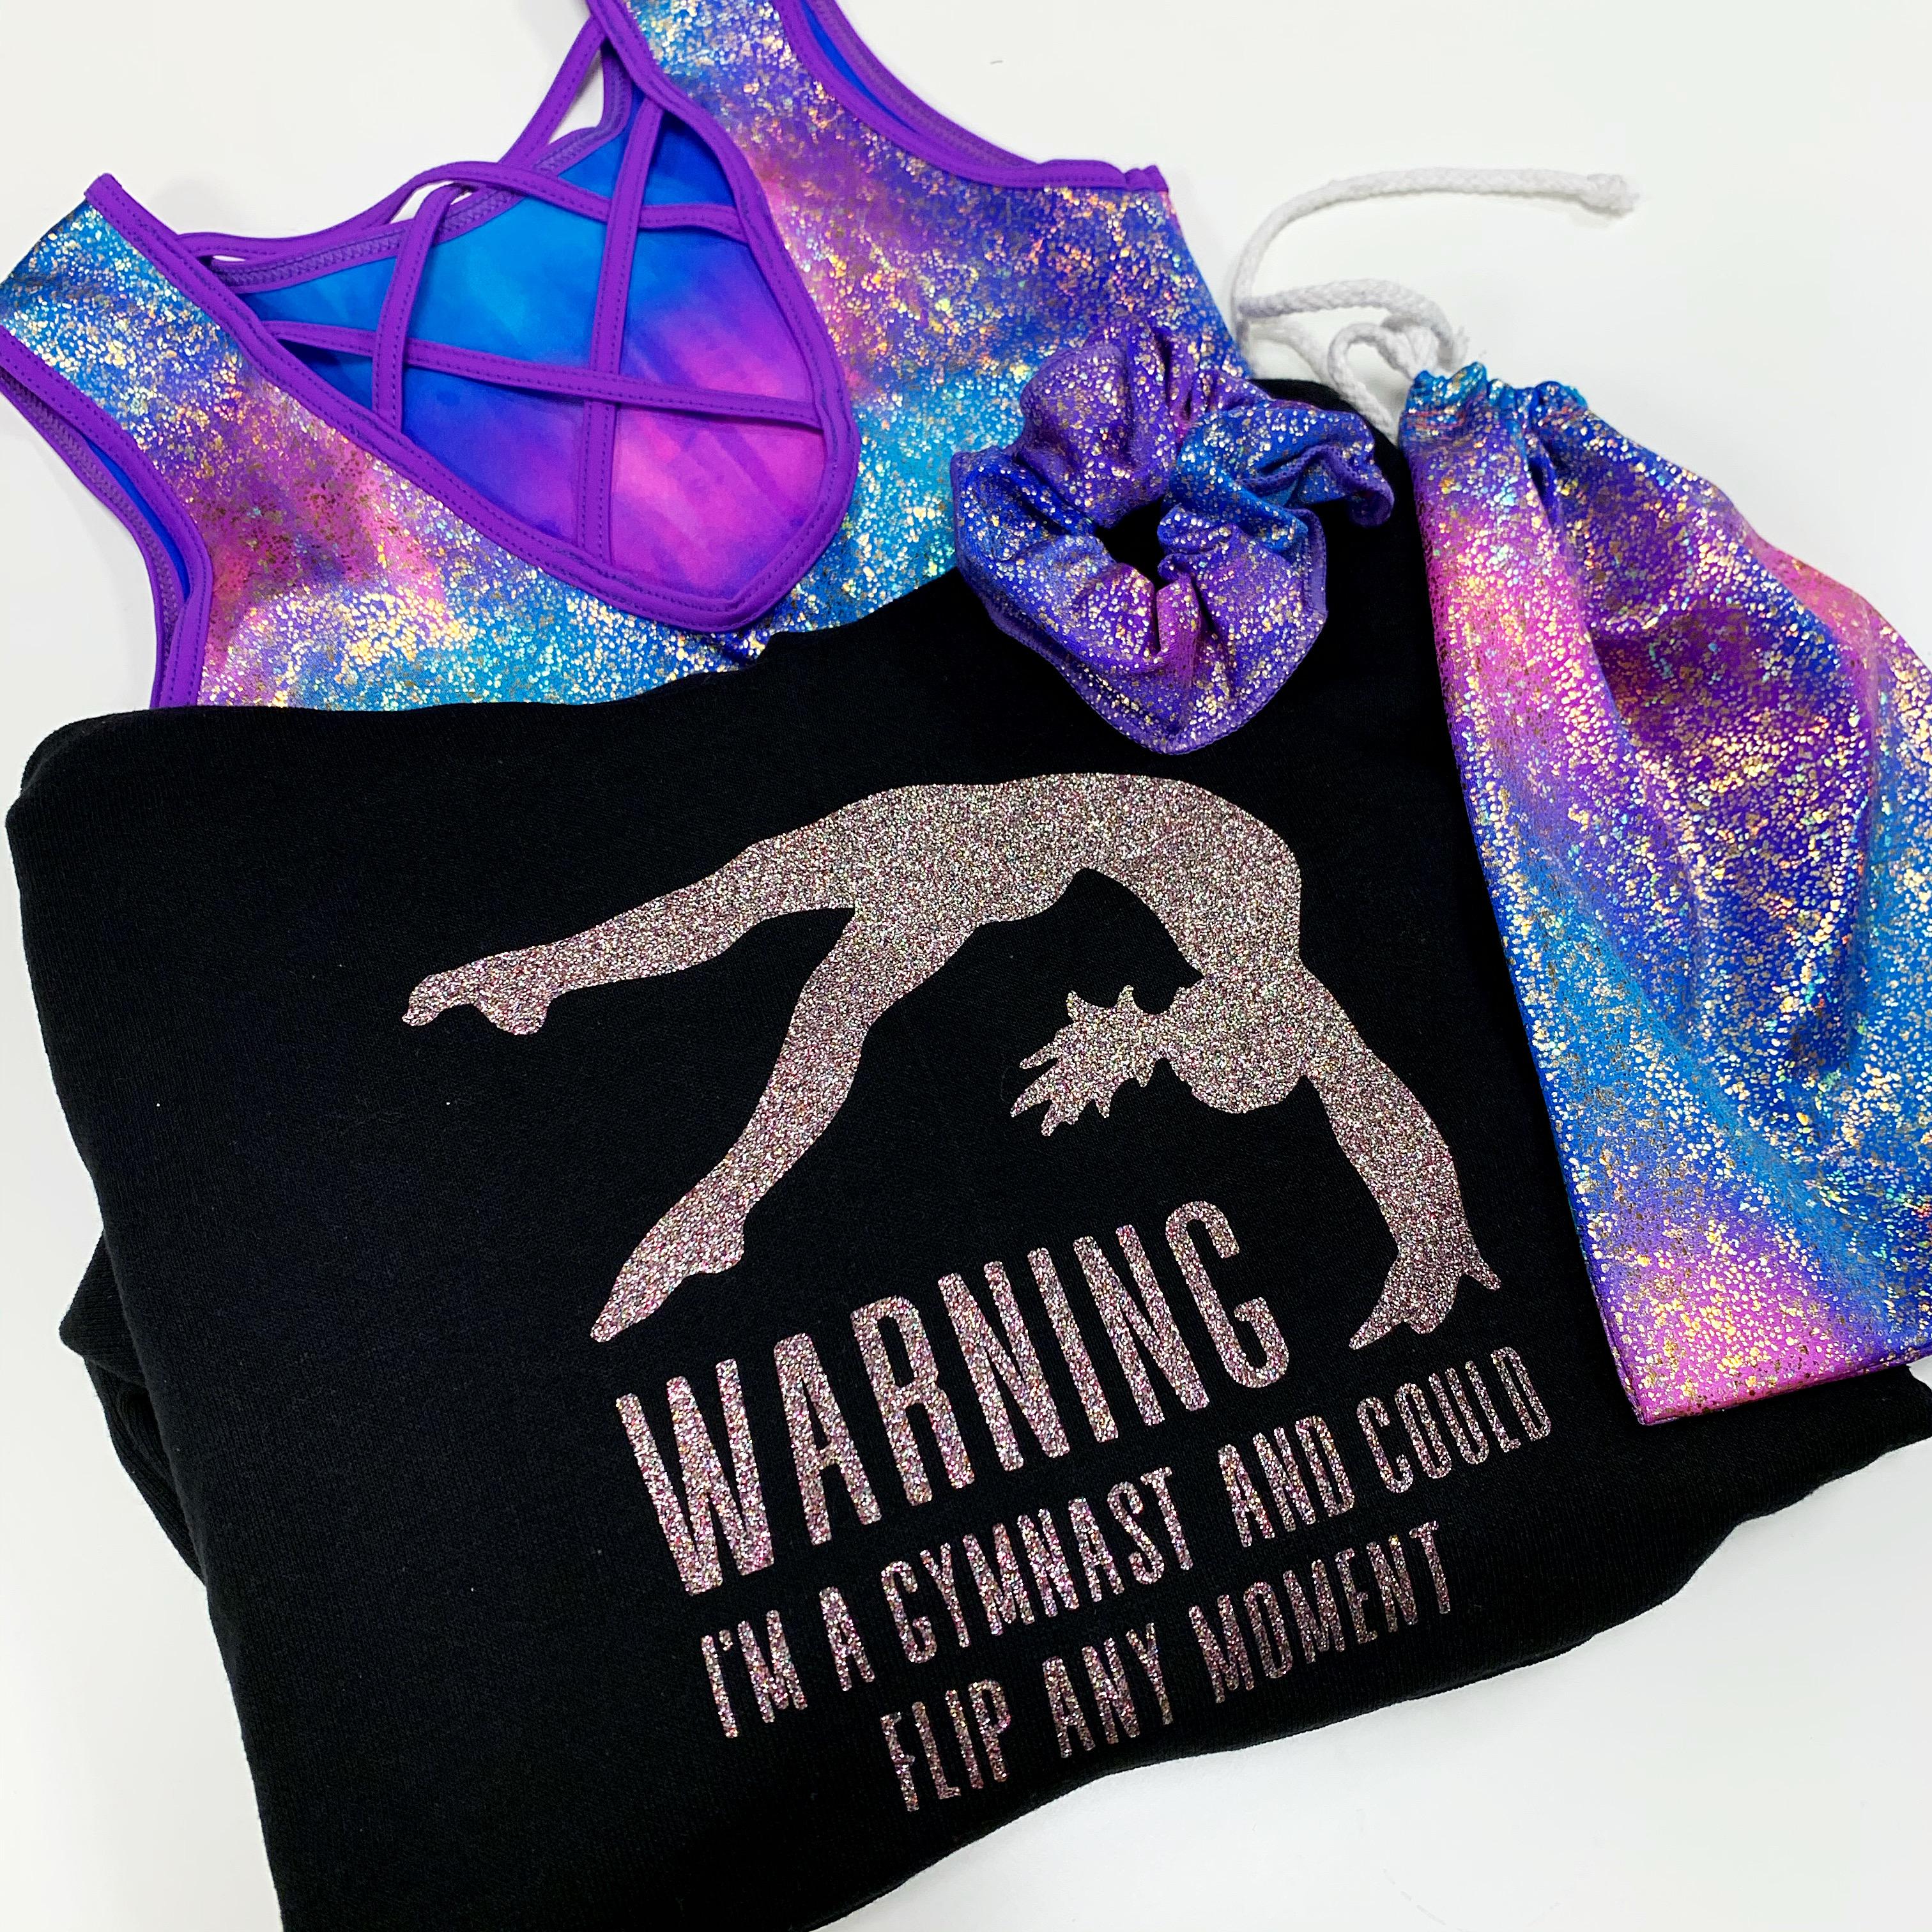 Turnpakje Morgan Paars blauw, tasje morgan, scrunchie, trui warning gymnast zwart confetti glitter Sparkle&Dream